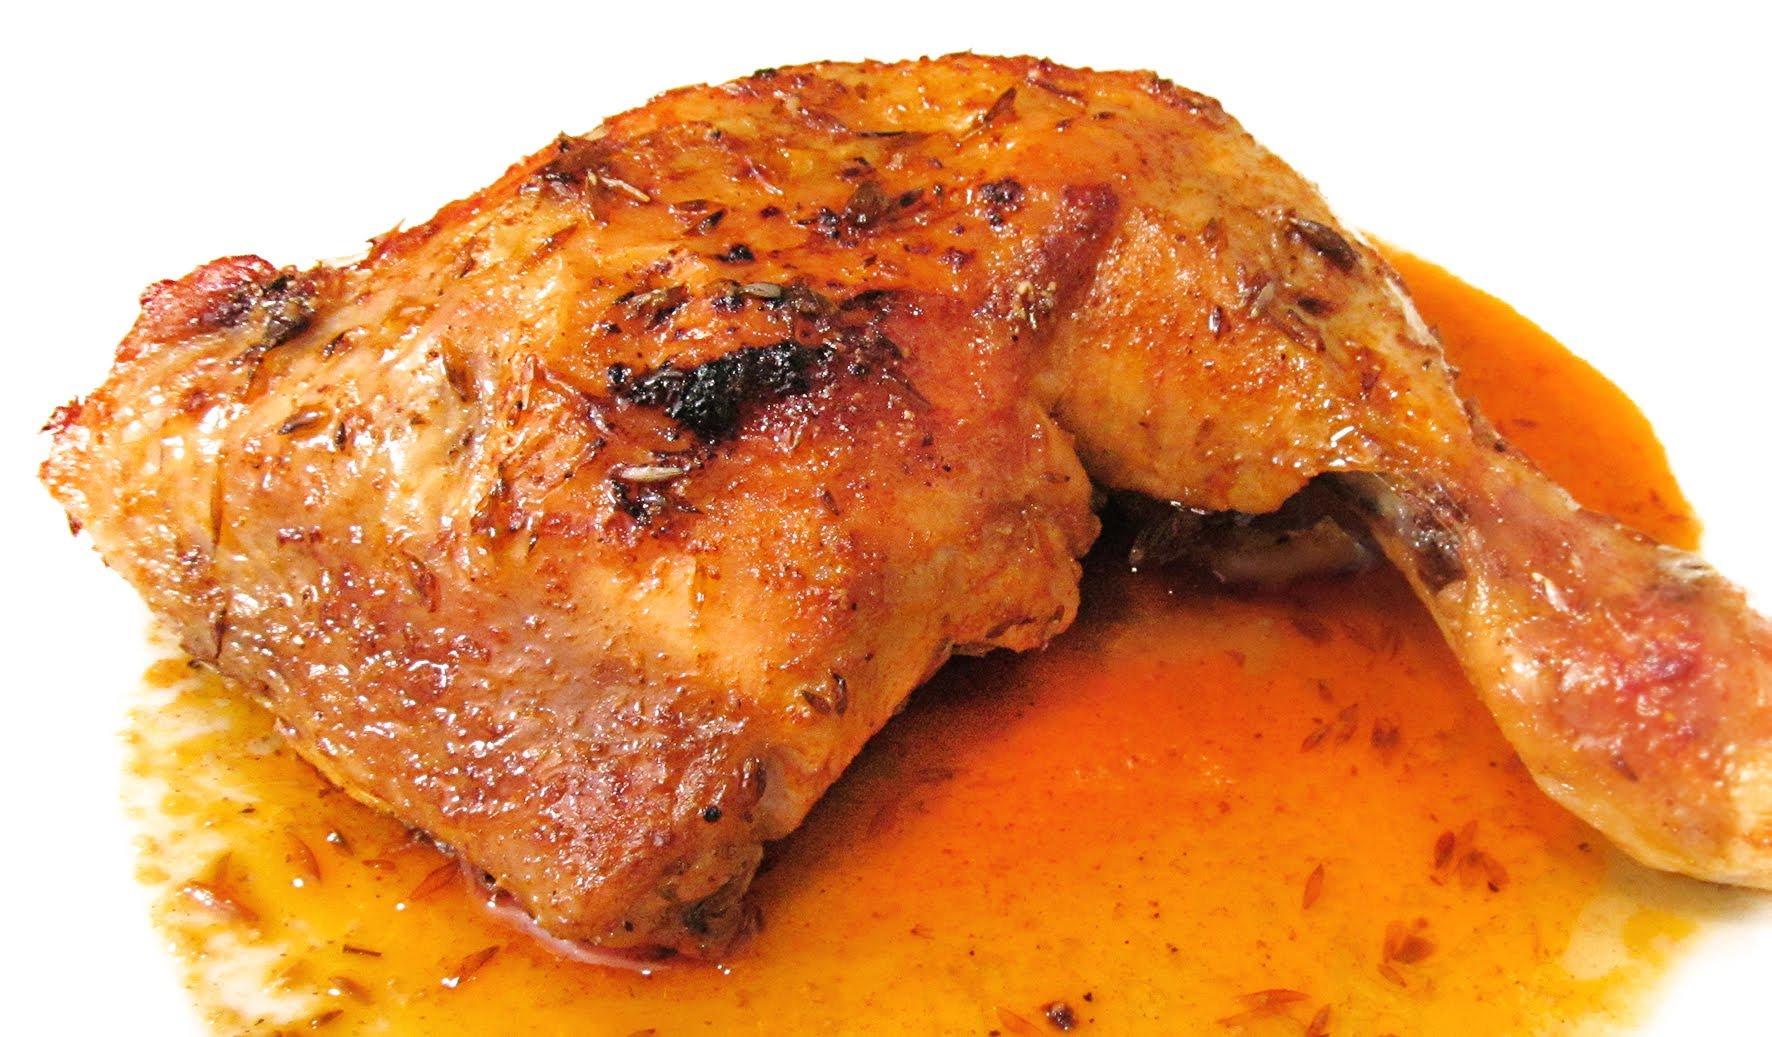 Patas de pollo al horno mil recetas - Como cocinar pollo al horno ...